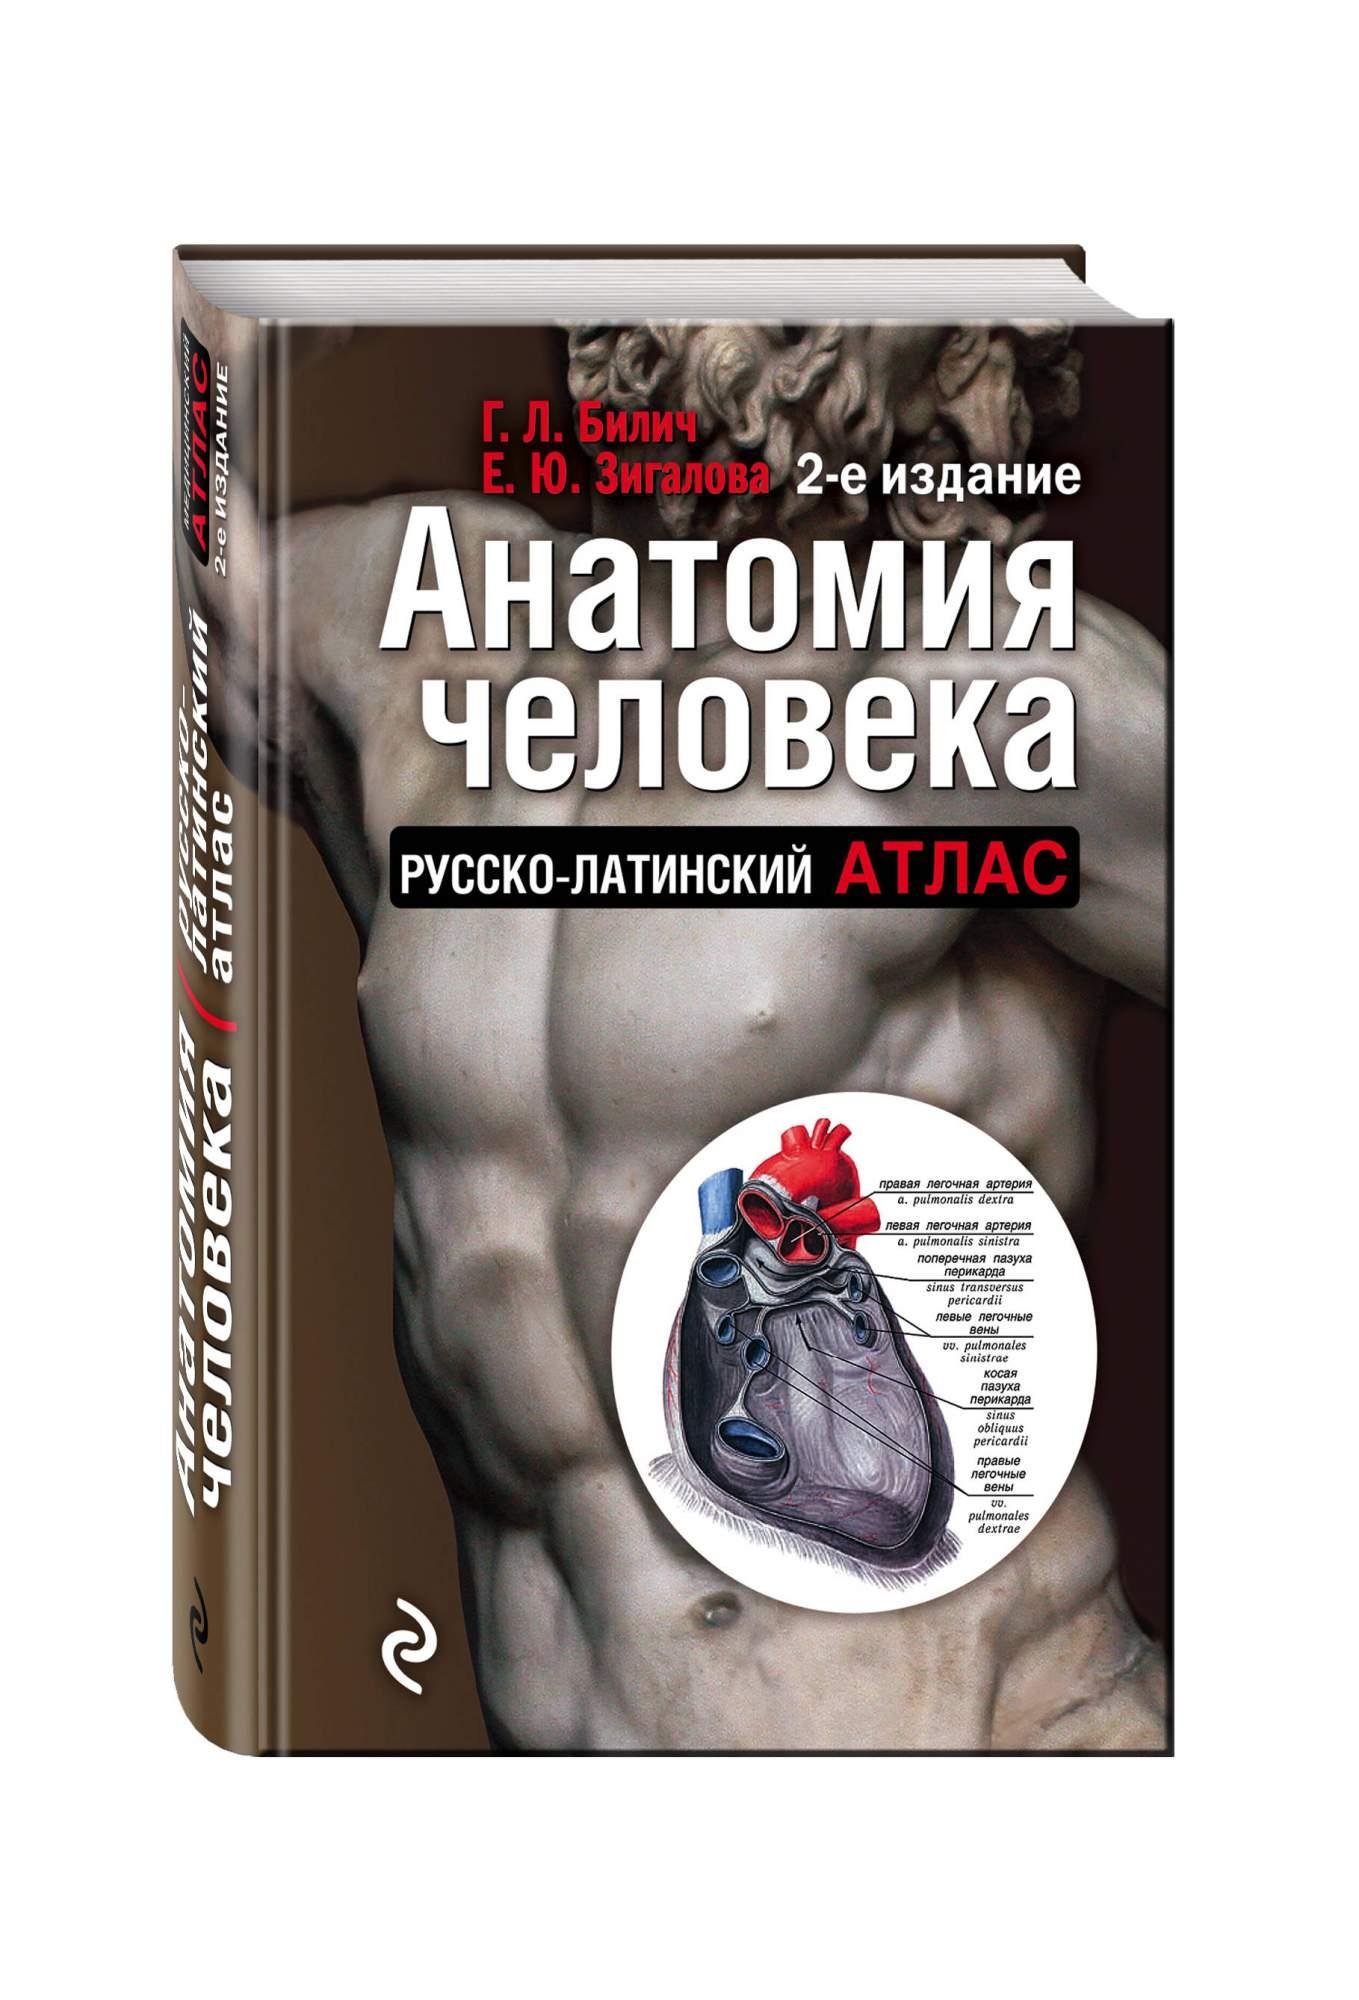 Анатомия человека: Русско-латинский атлас, 2-е издание